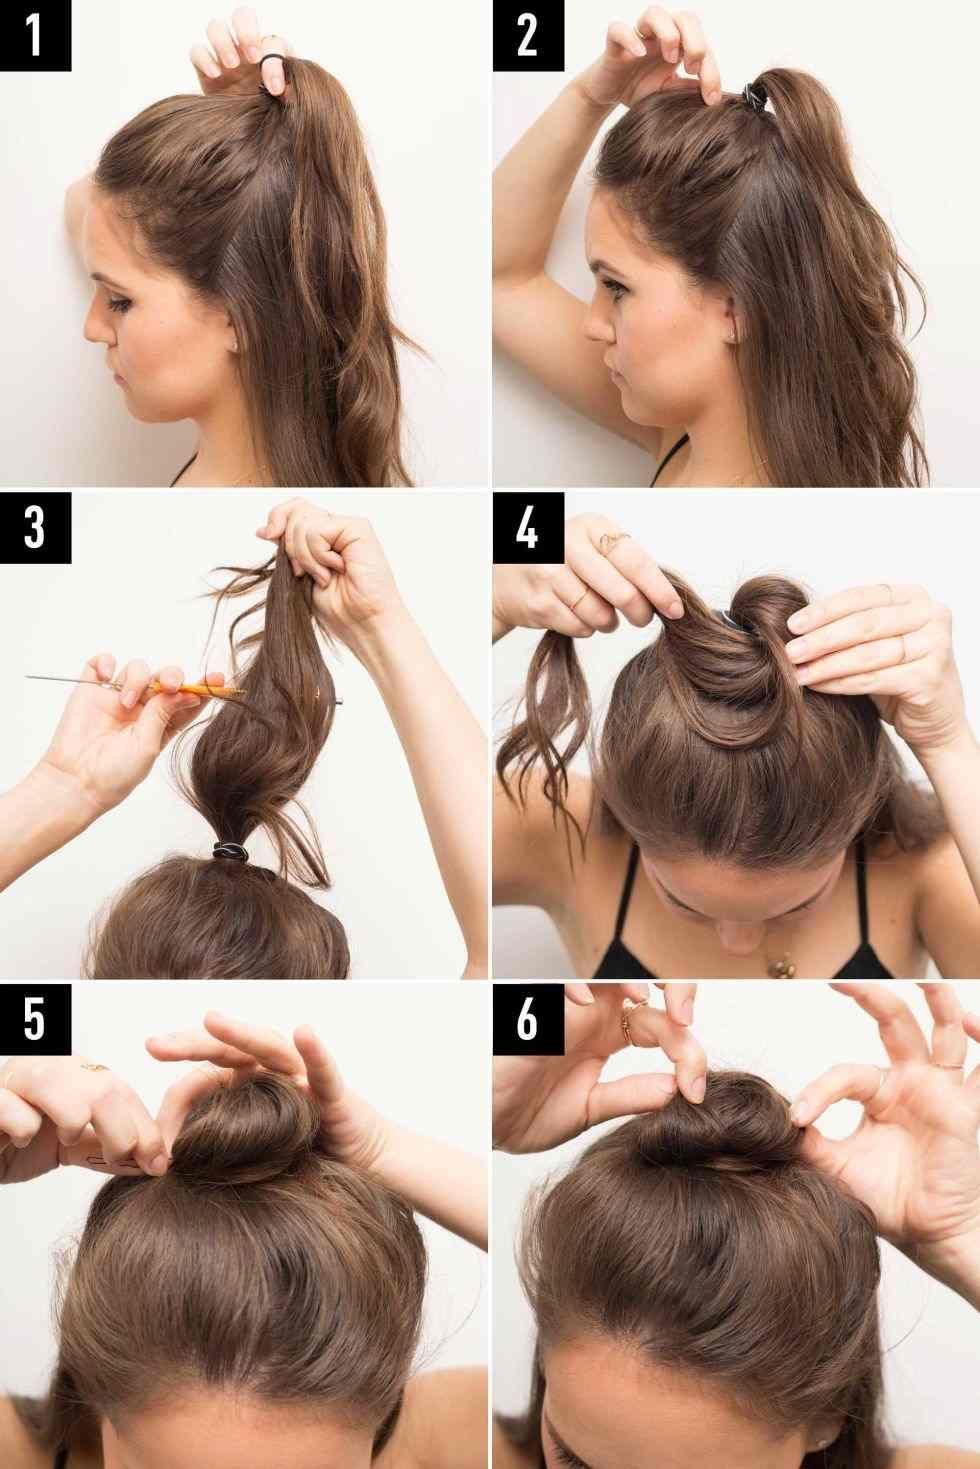 Schnelle Frisuren Fur Die Arbeit 10 Einfache Und Schone Inspirationen Mittellange Haare Frisuren Einfach Schnelle Frisuren Lange Haare Dutt Frisur Anleitung